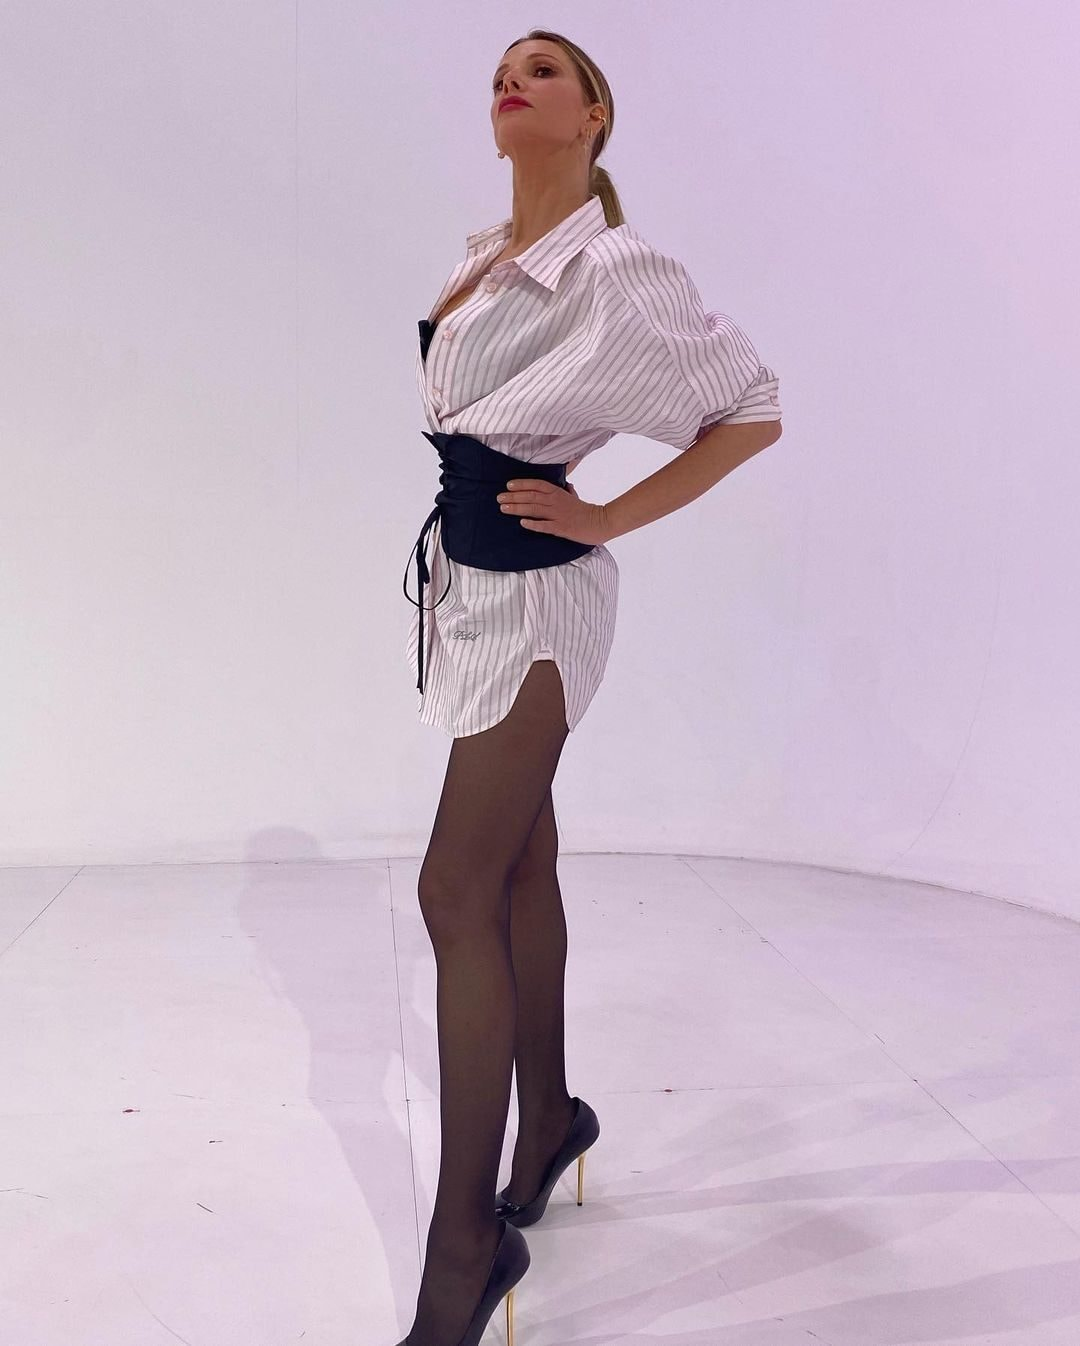 Alessia Marcuzzi trasforma la camicia over in un minidress